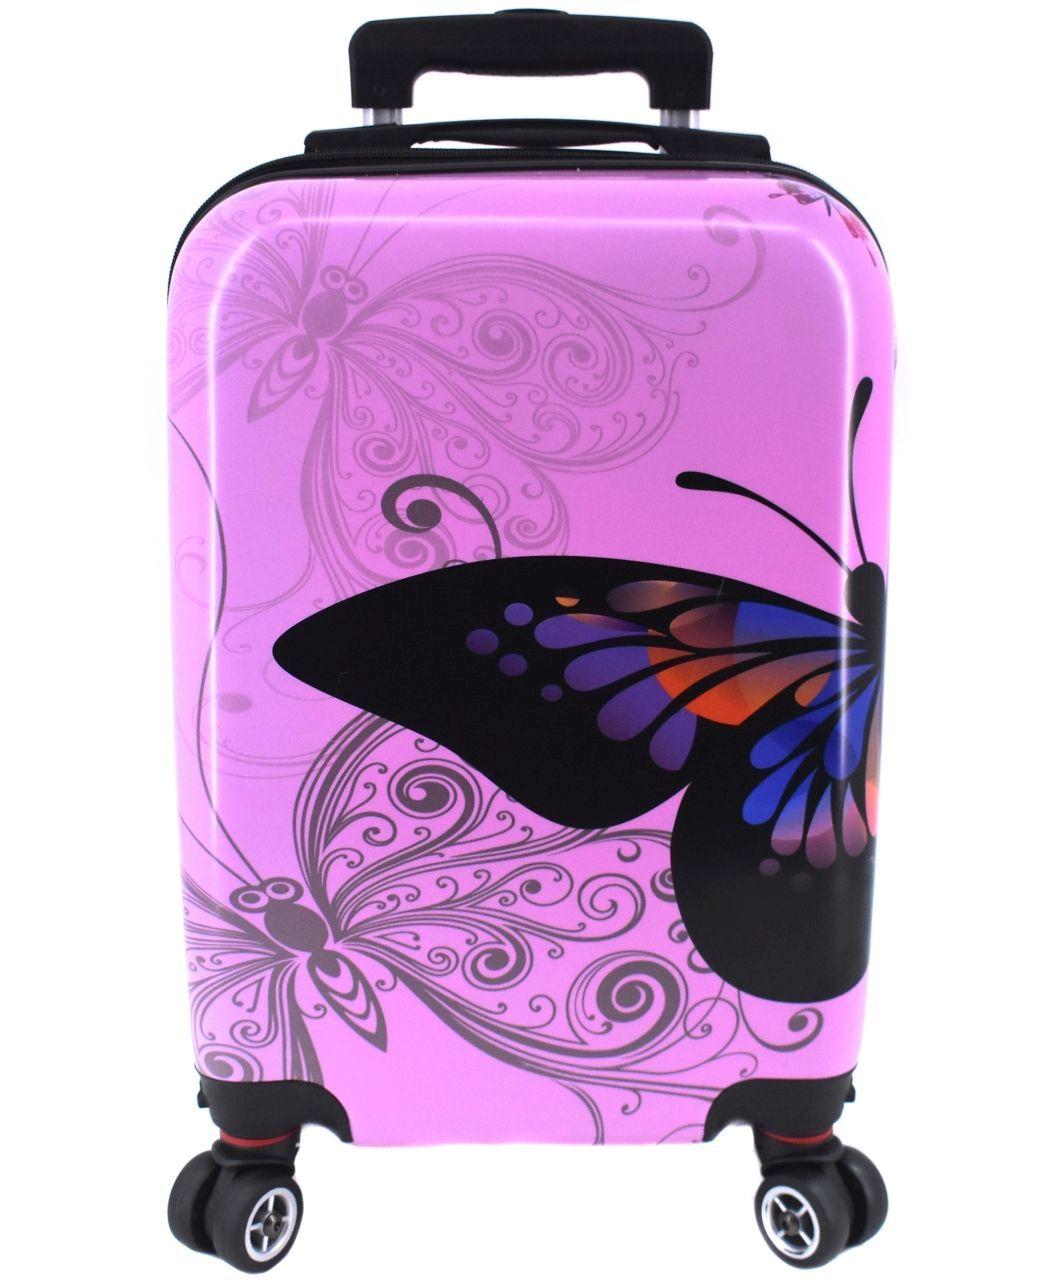 Cestovní palubní kufr na čtyřech kolečkách Arteddy -(XS) 30l motýl/růžová 37148 (XS)